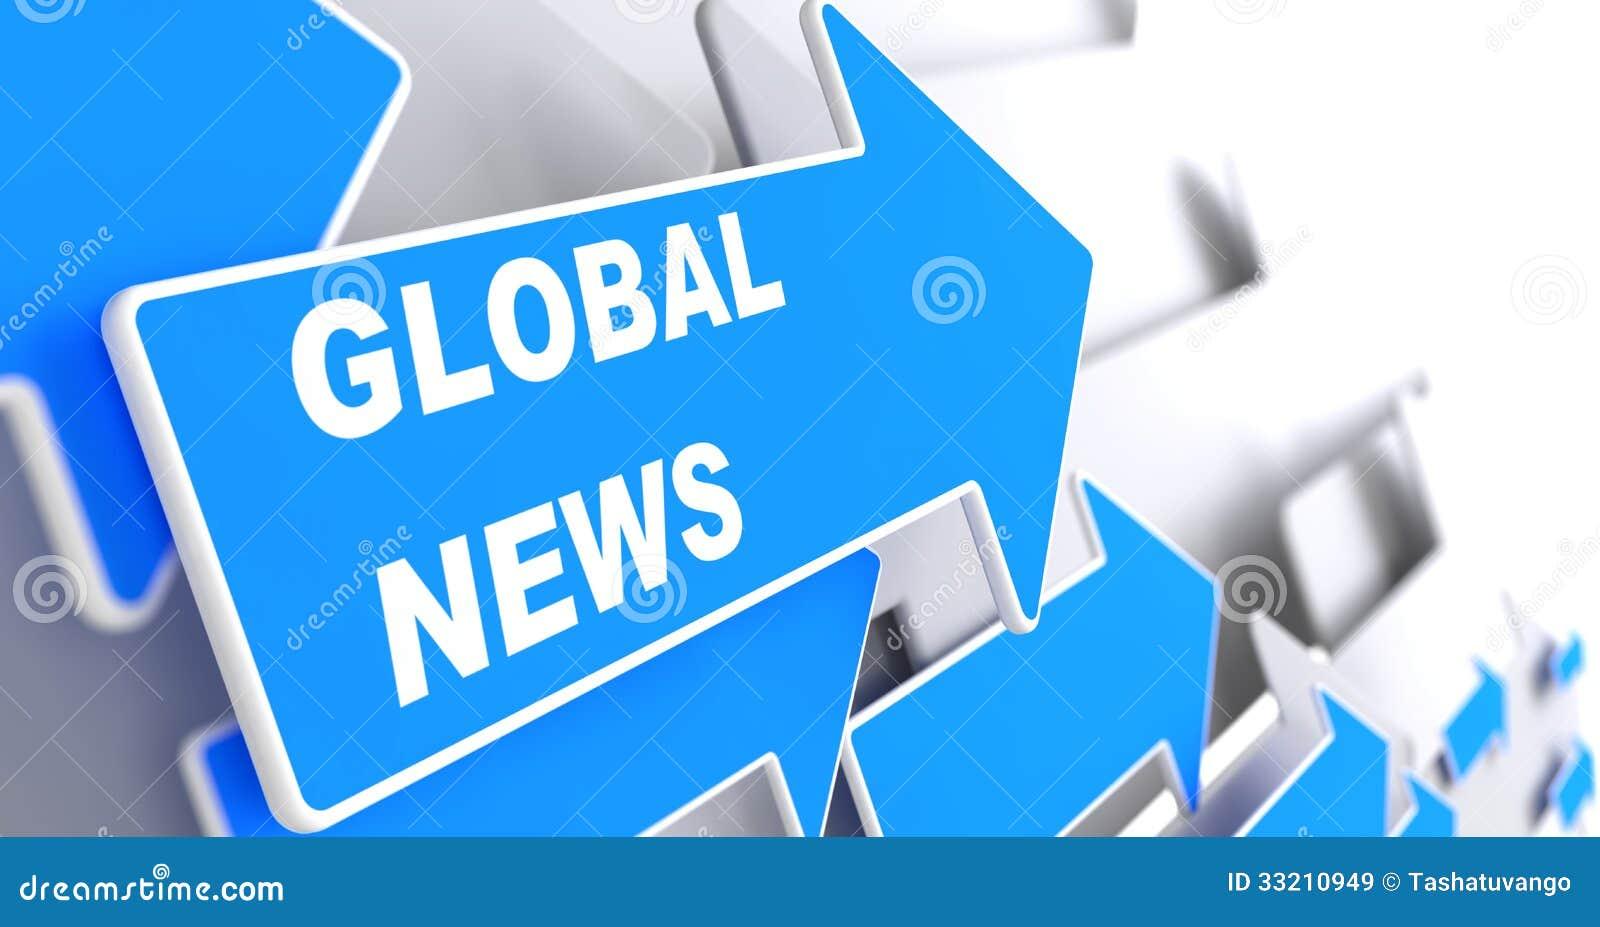 Глобальные новости. Концепция информации.